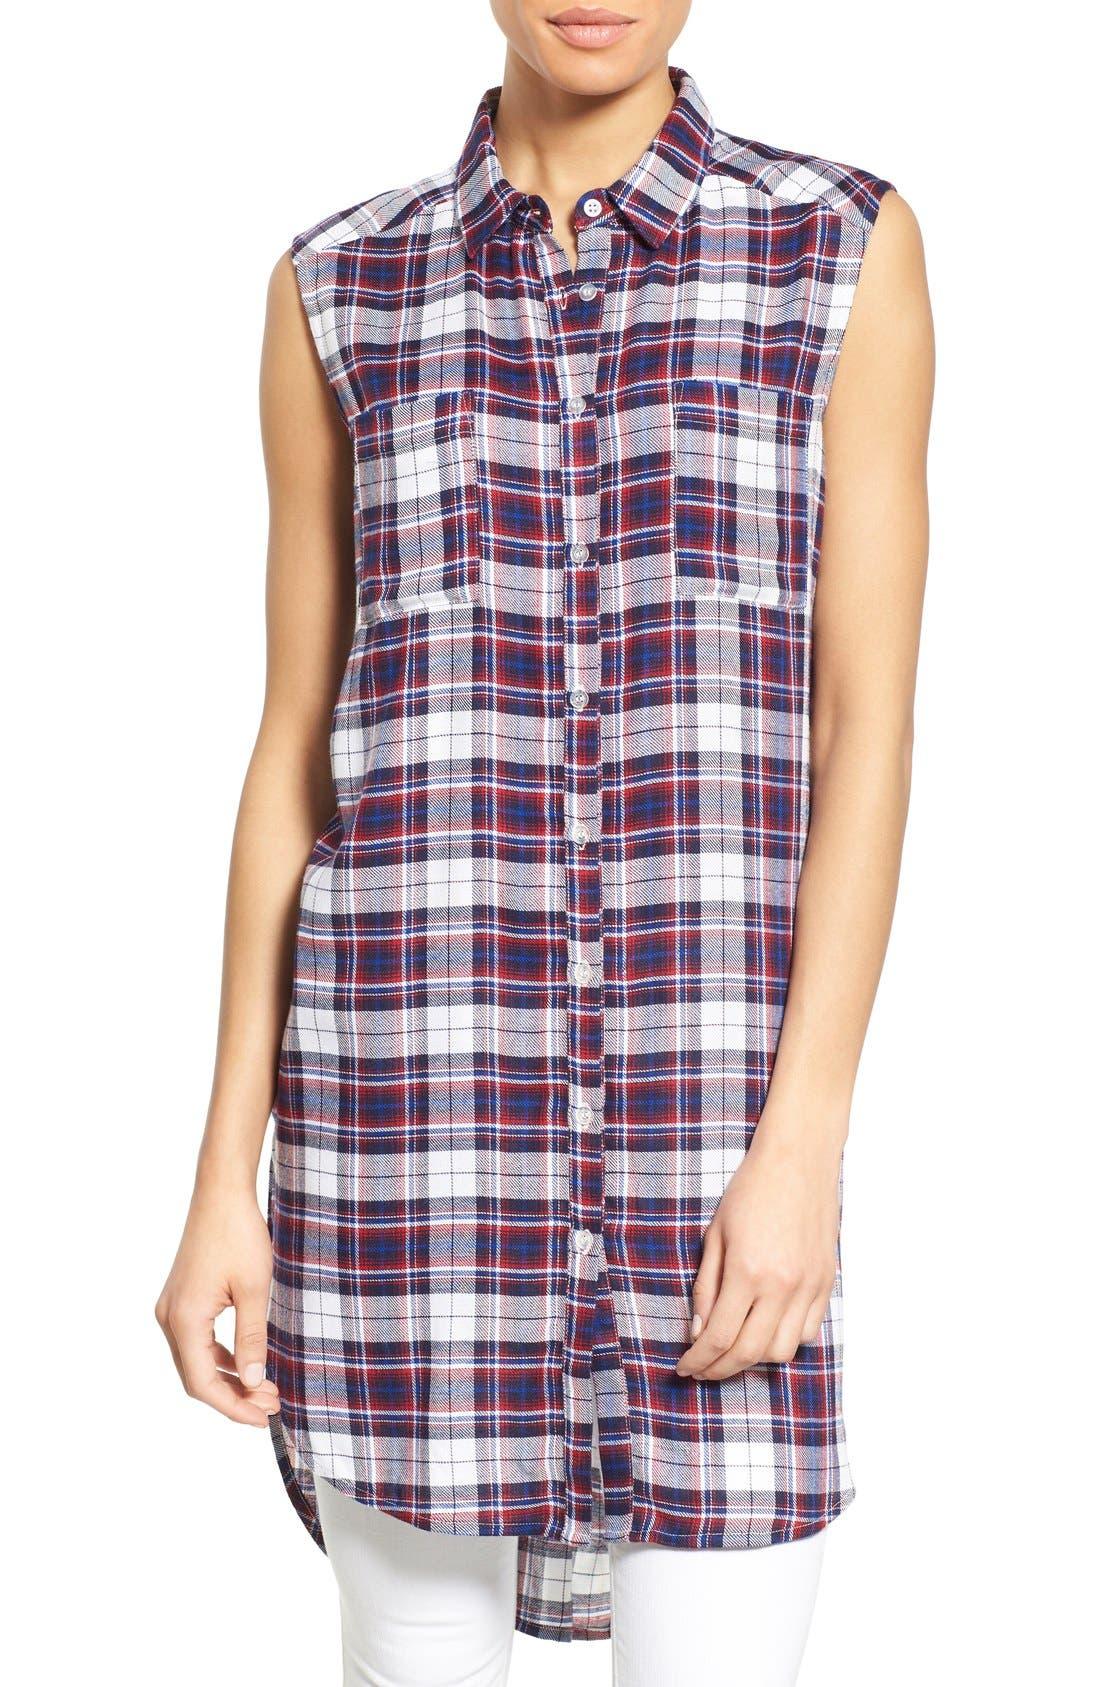 Main Image - Bobeau Plaid Two Pocket Sleeveless Tunic Shirt